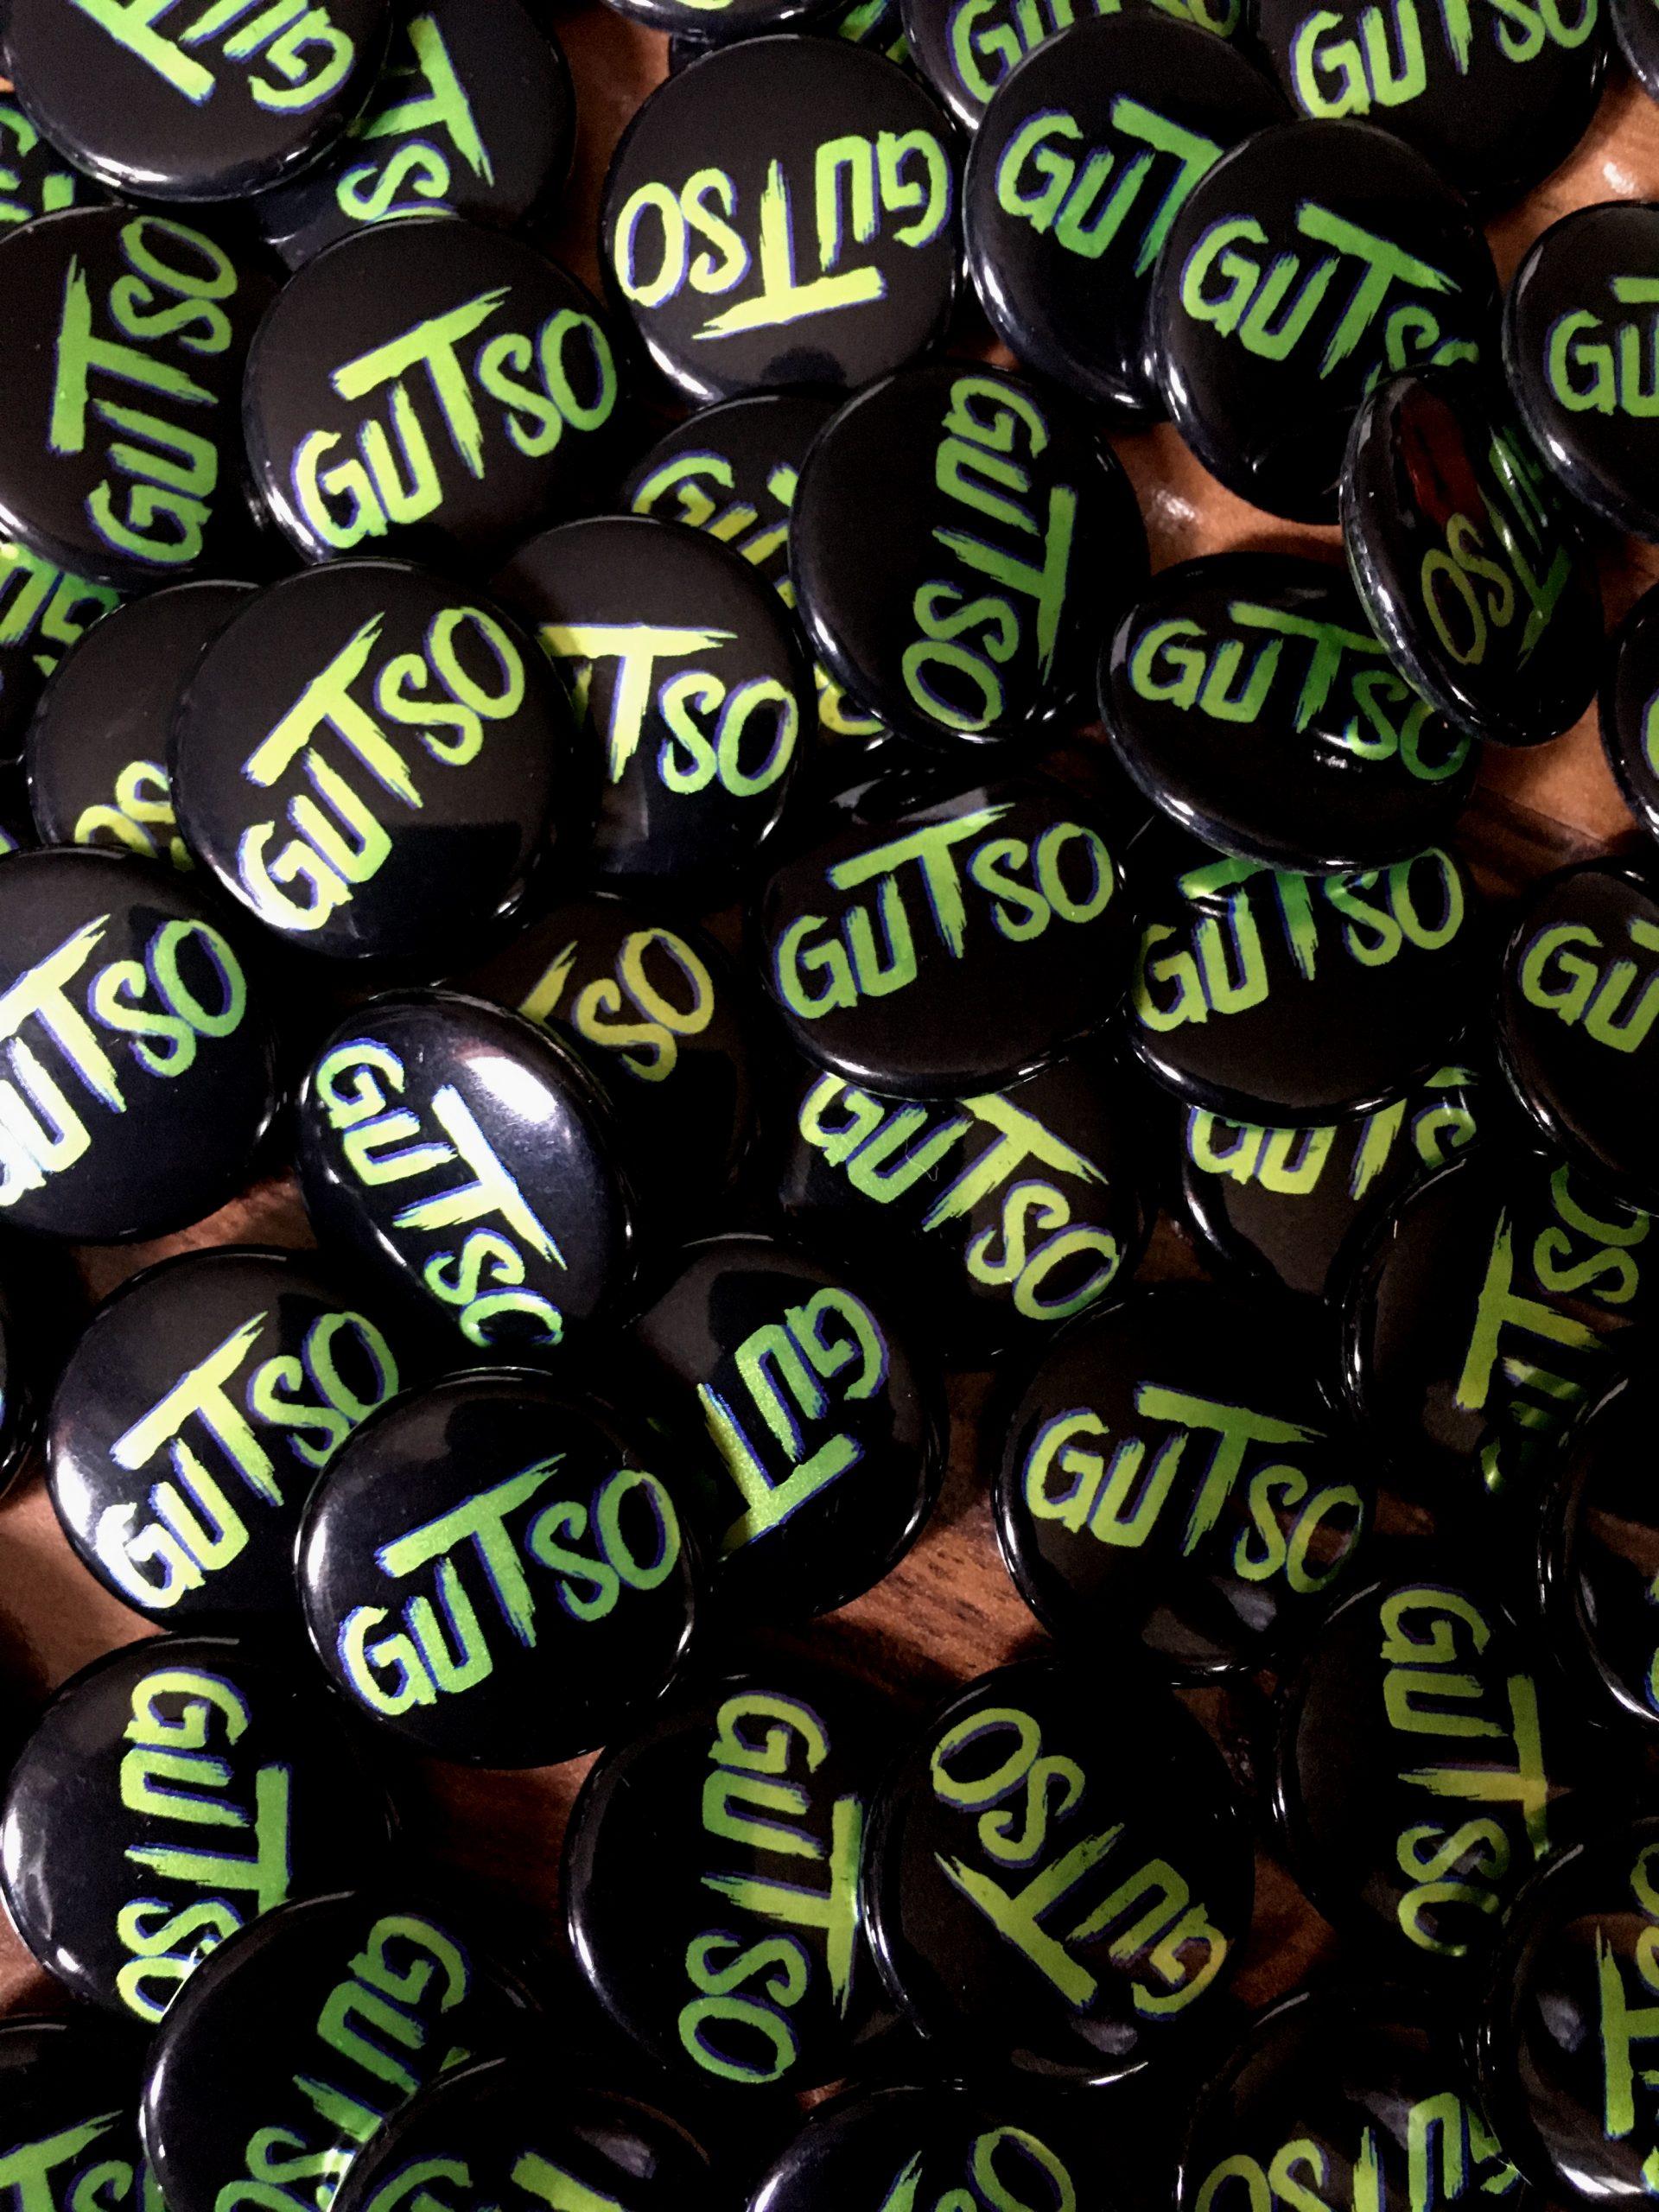 GUTSO Buttons im Store